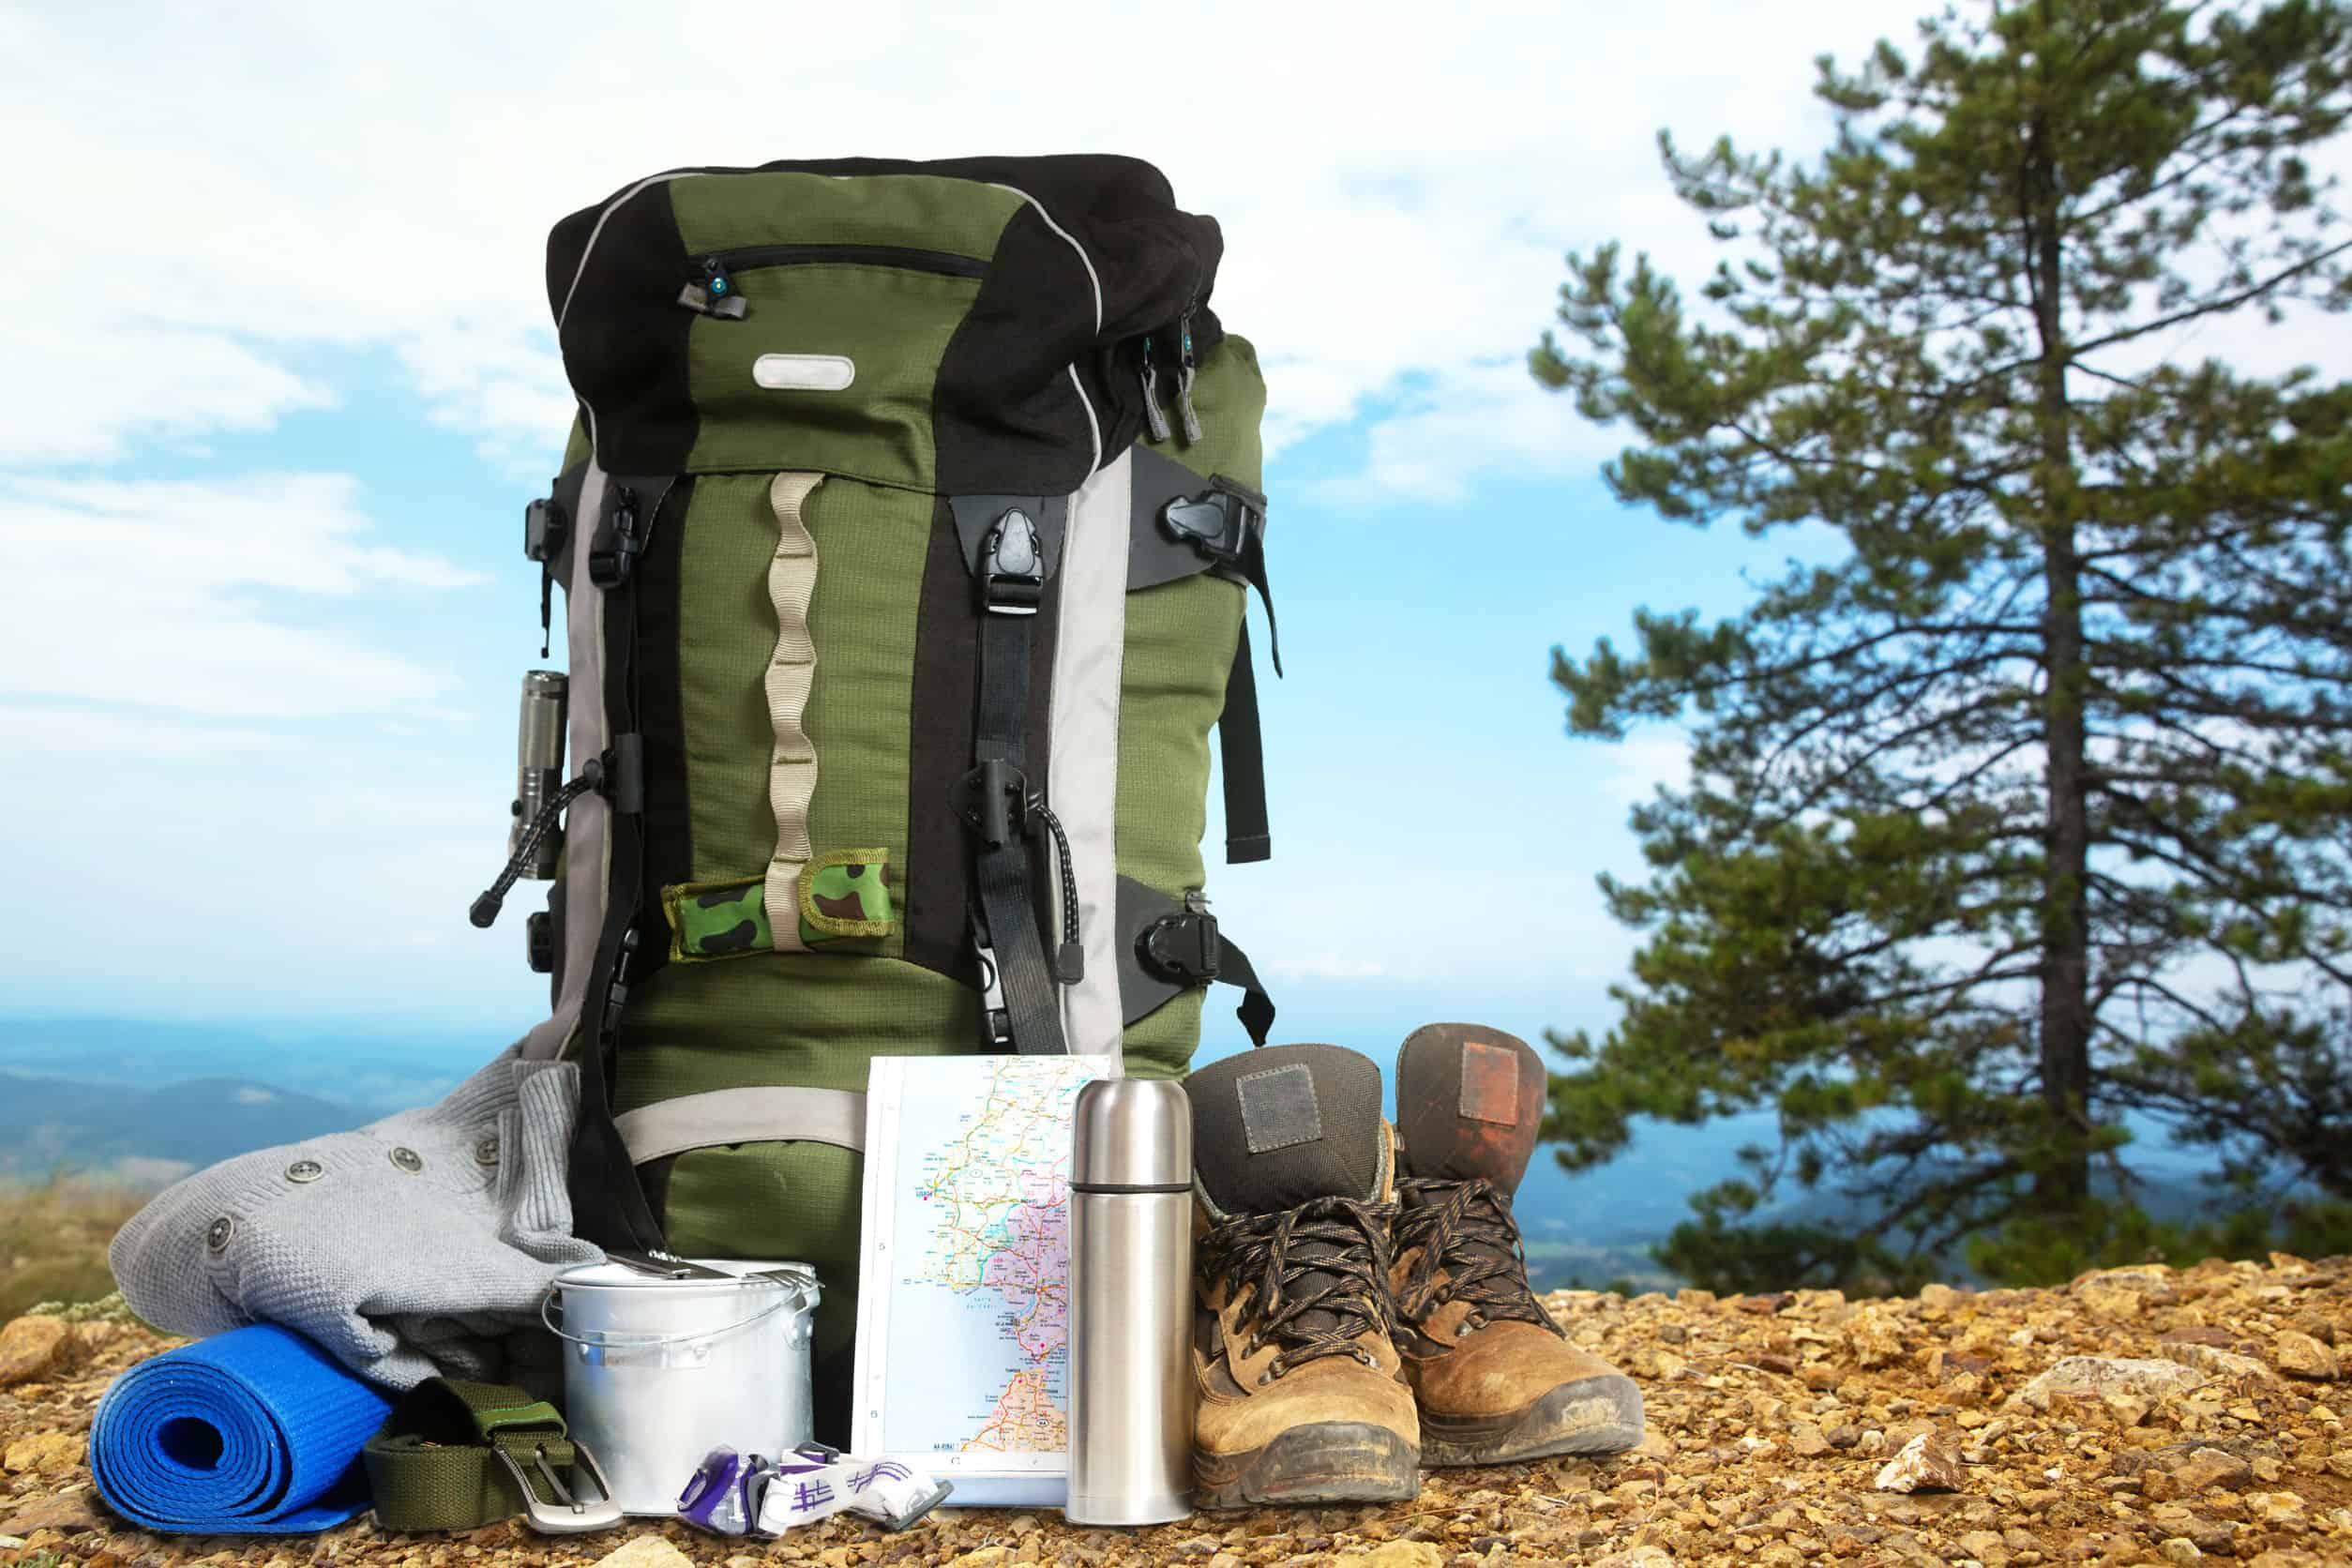 Mochila impermeável com bota, garrafa d'água e toalha ao lado com paisagem ao fundo.